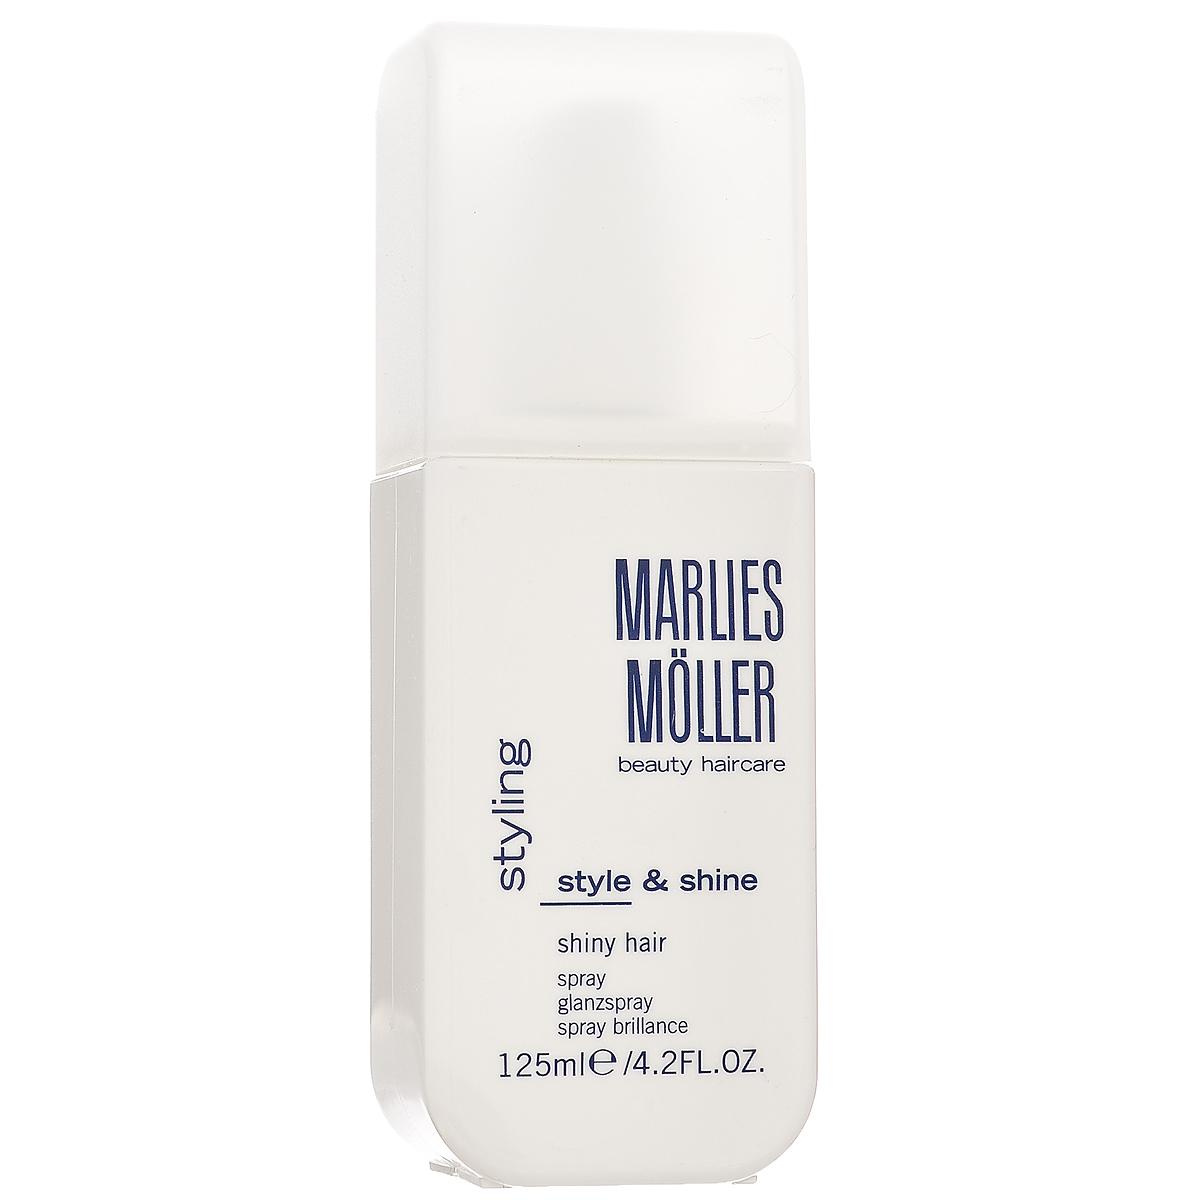 Marlies Moller Спрей Styling, придающий блеск волосам, 125 мл25676MMsУльтралегкий спрей Marlies Moller Styling - финальный штрих вашей укладки. Подходит для всех типов волос и для любой укладки. Придает волосам блеск, здоровый и ухоженный вид. Не утяжеляет волосы. Применение : распылите спрей по всей длине волос в завершении укладки. Характеристики: Объем: 125 мл. Артикул: 25676MMs. Производитель: Швейцария. Товар сертифицирован.